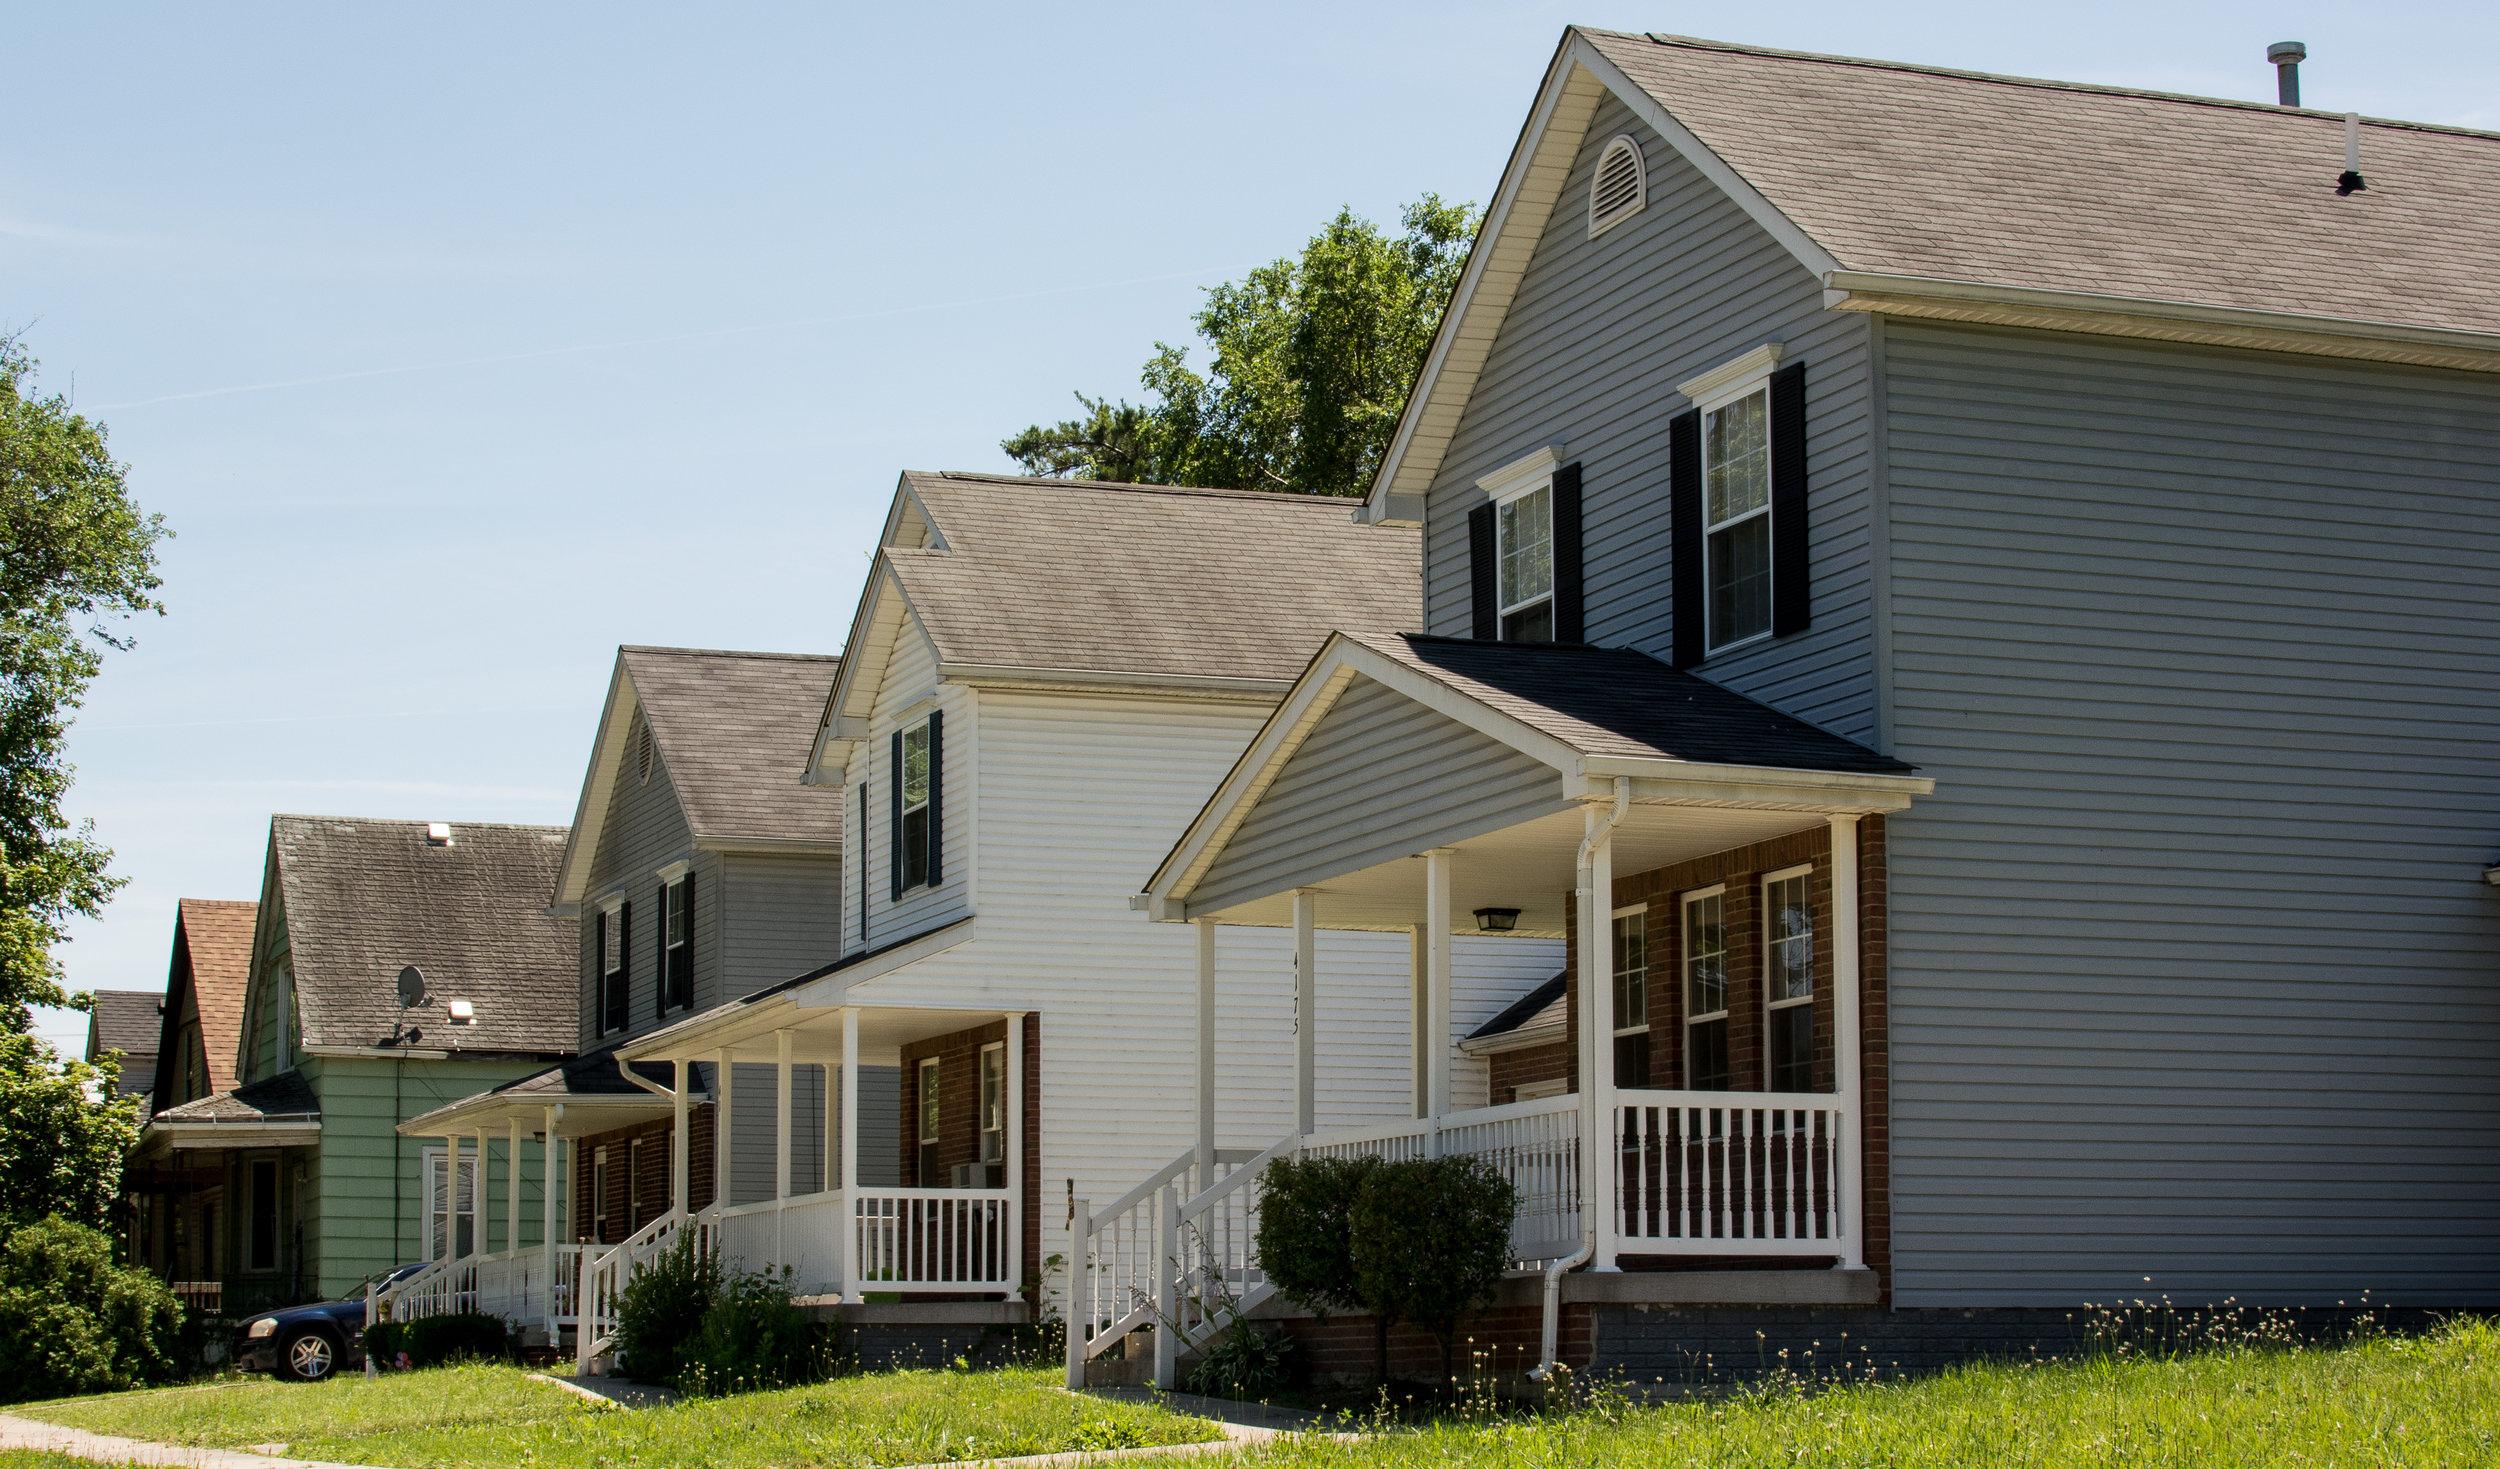 Houses1.jpg